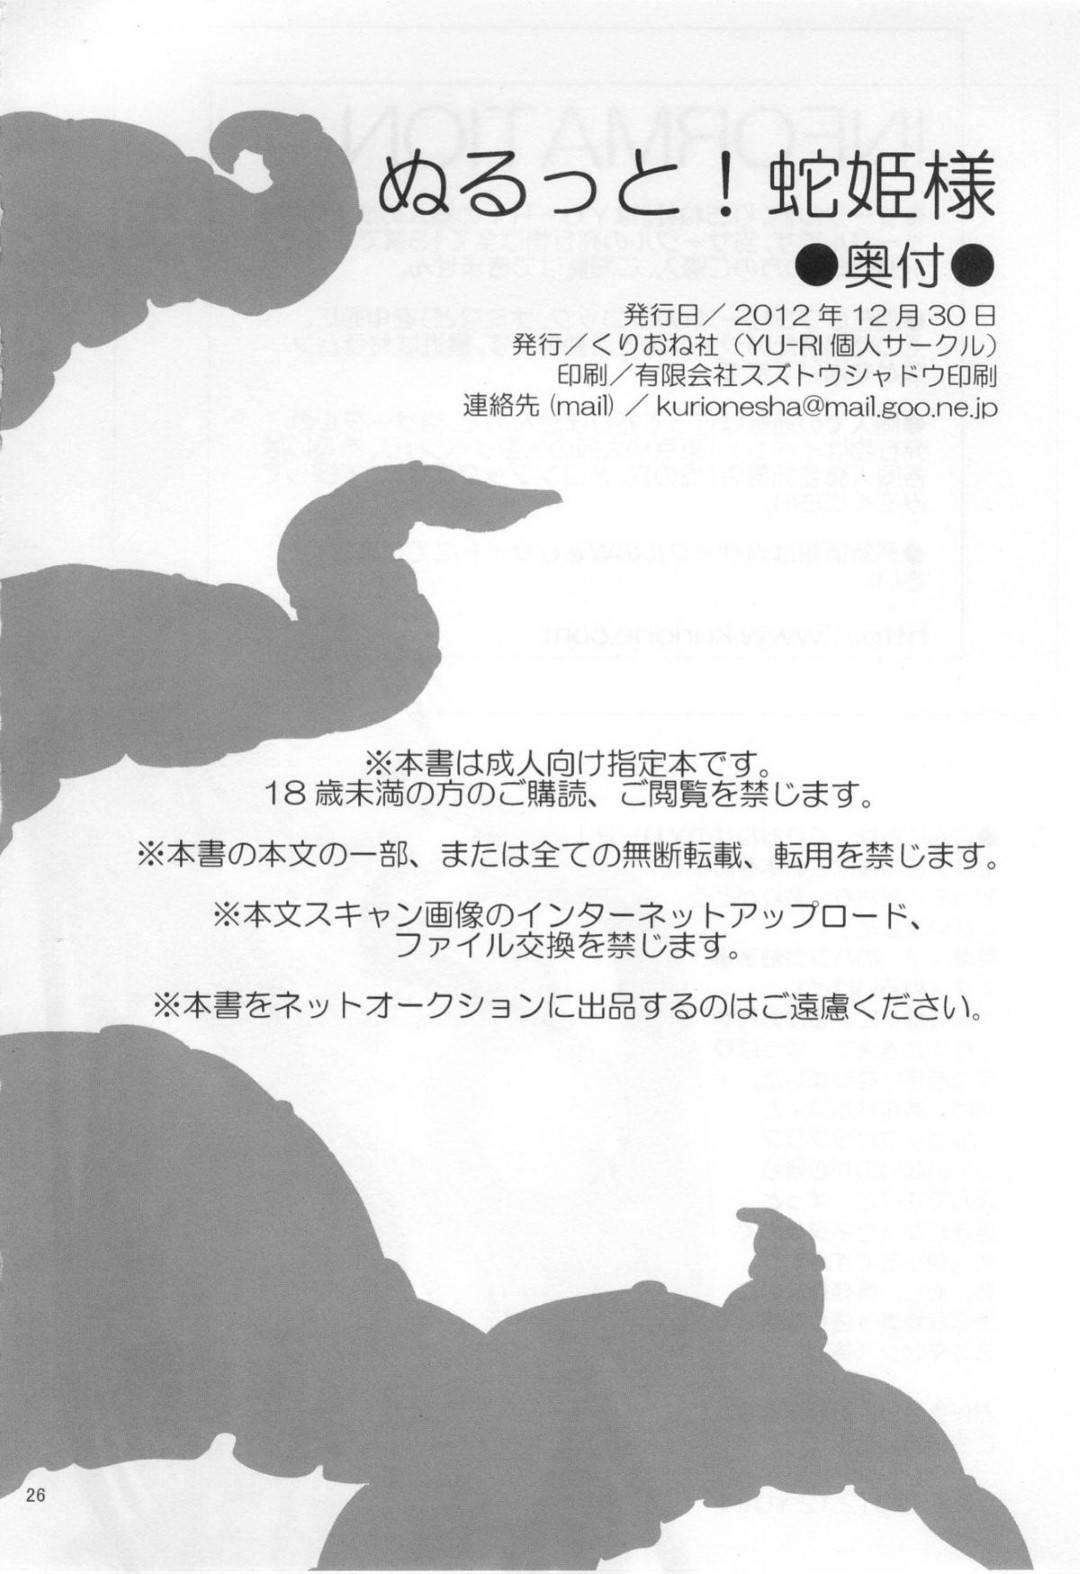 【エロ同人誌】(C83)ルフィの要望で海に住む巨大タコを捕まえるハンコック…彼女の水着姿だけで魅了された巨大タコの触手に捕まってしまう!【くりおね社 (YU-RI):ヌルット! 蛇姫様/ワンピース】